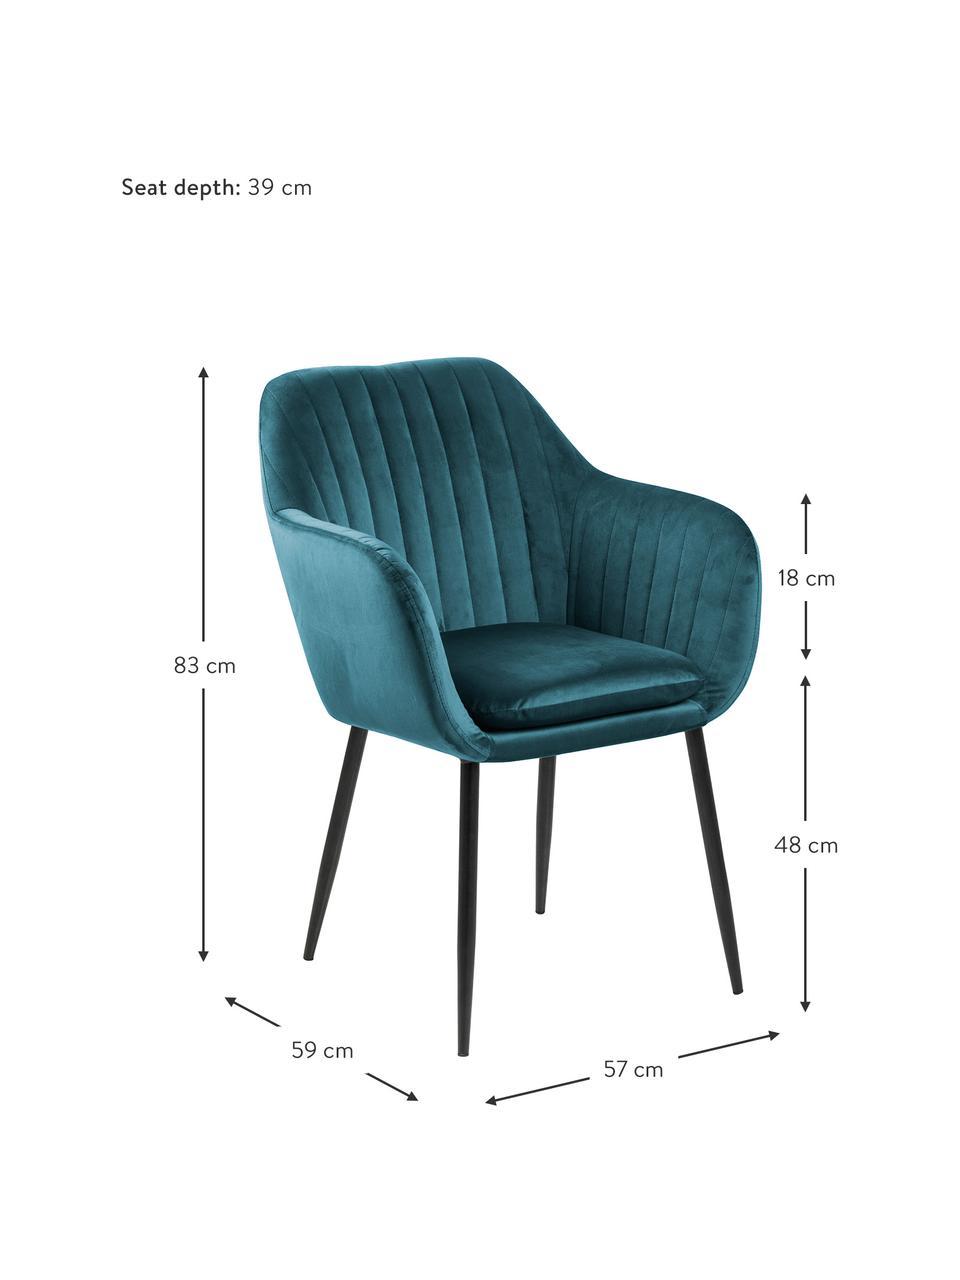 Samt-Armlehnstuhl Emilia mit Metallbeinen, Bezug: Polyestersamt Der hochwer, Beine: Metall, lackiert, Samt Blau, Beine Schwarz, B 57 x T 59 cm